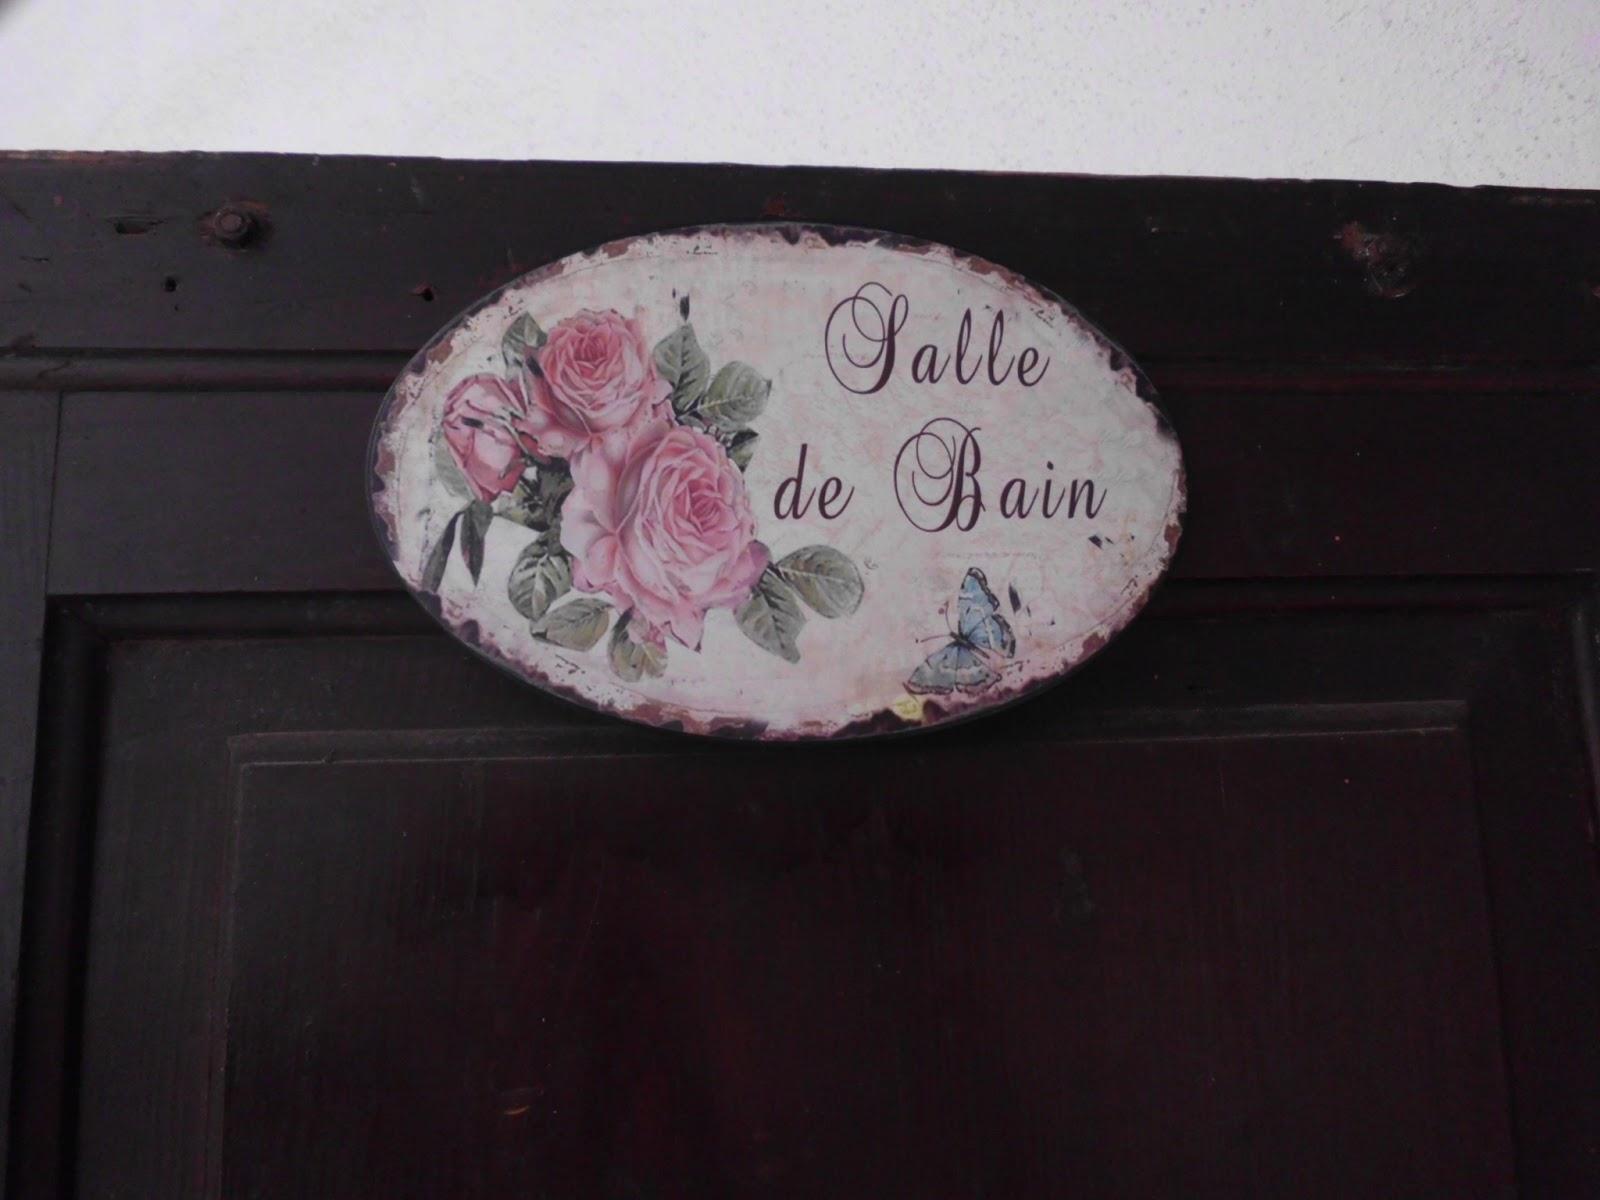 Popurri regalos decoraci n complementos regalos palma for Placas decoracion pared